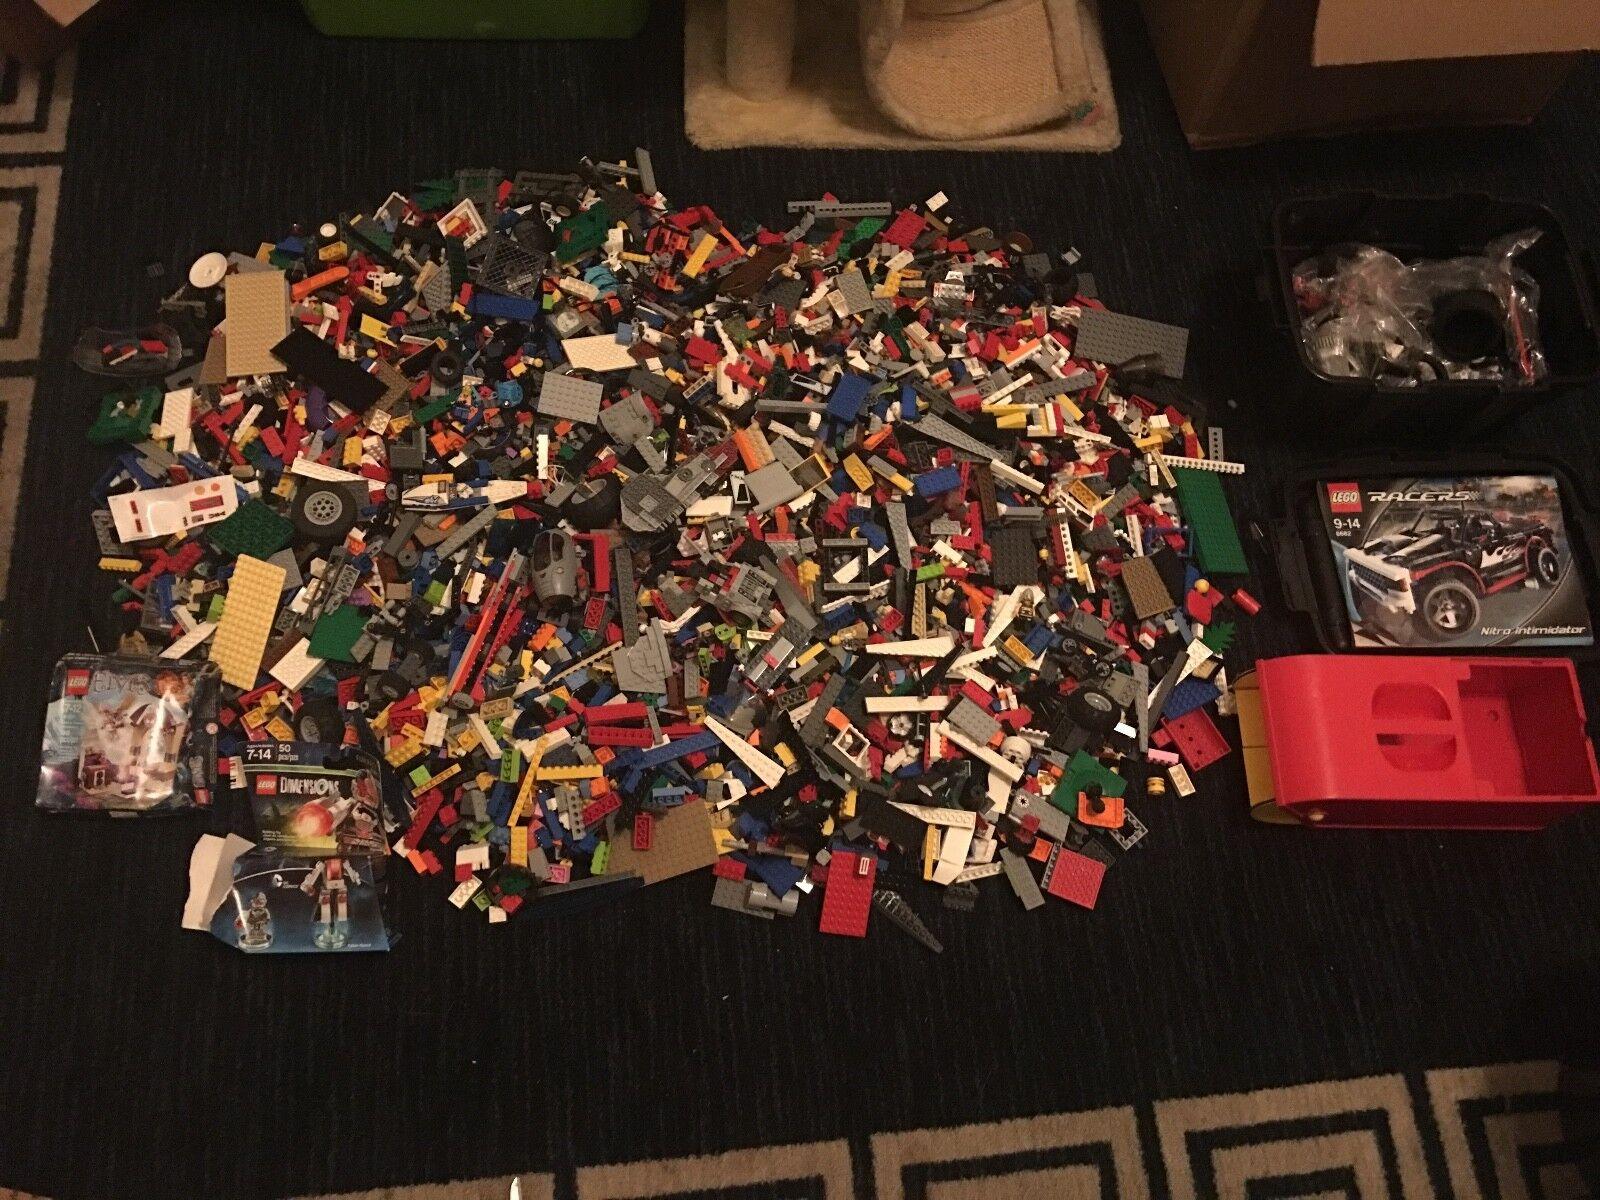 Lote de 31 libras de legos, Hombrecitos, ladrillos, pequeños trozos, conjuntos